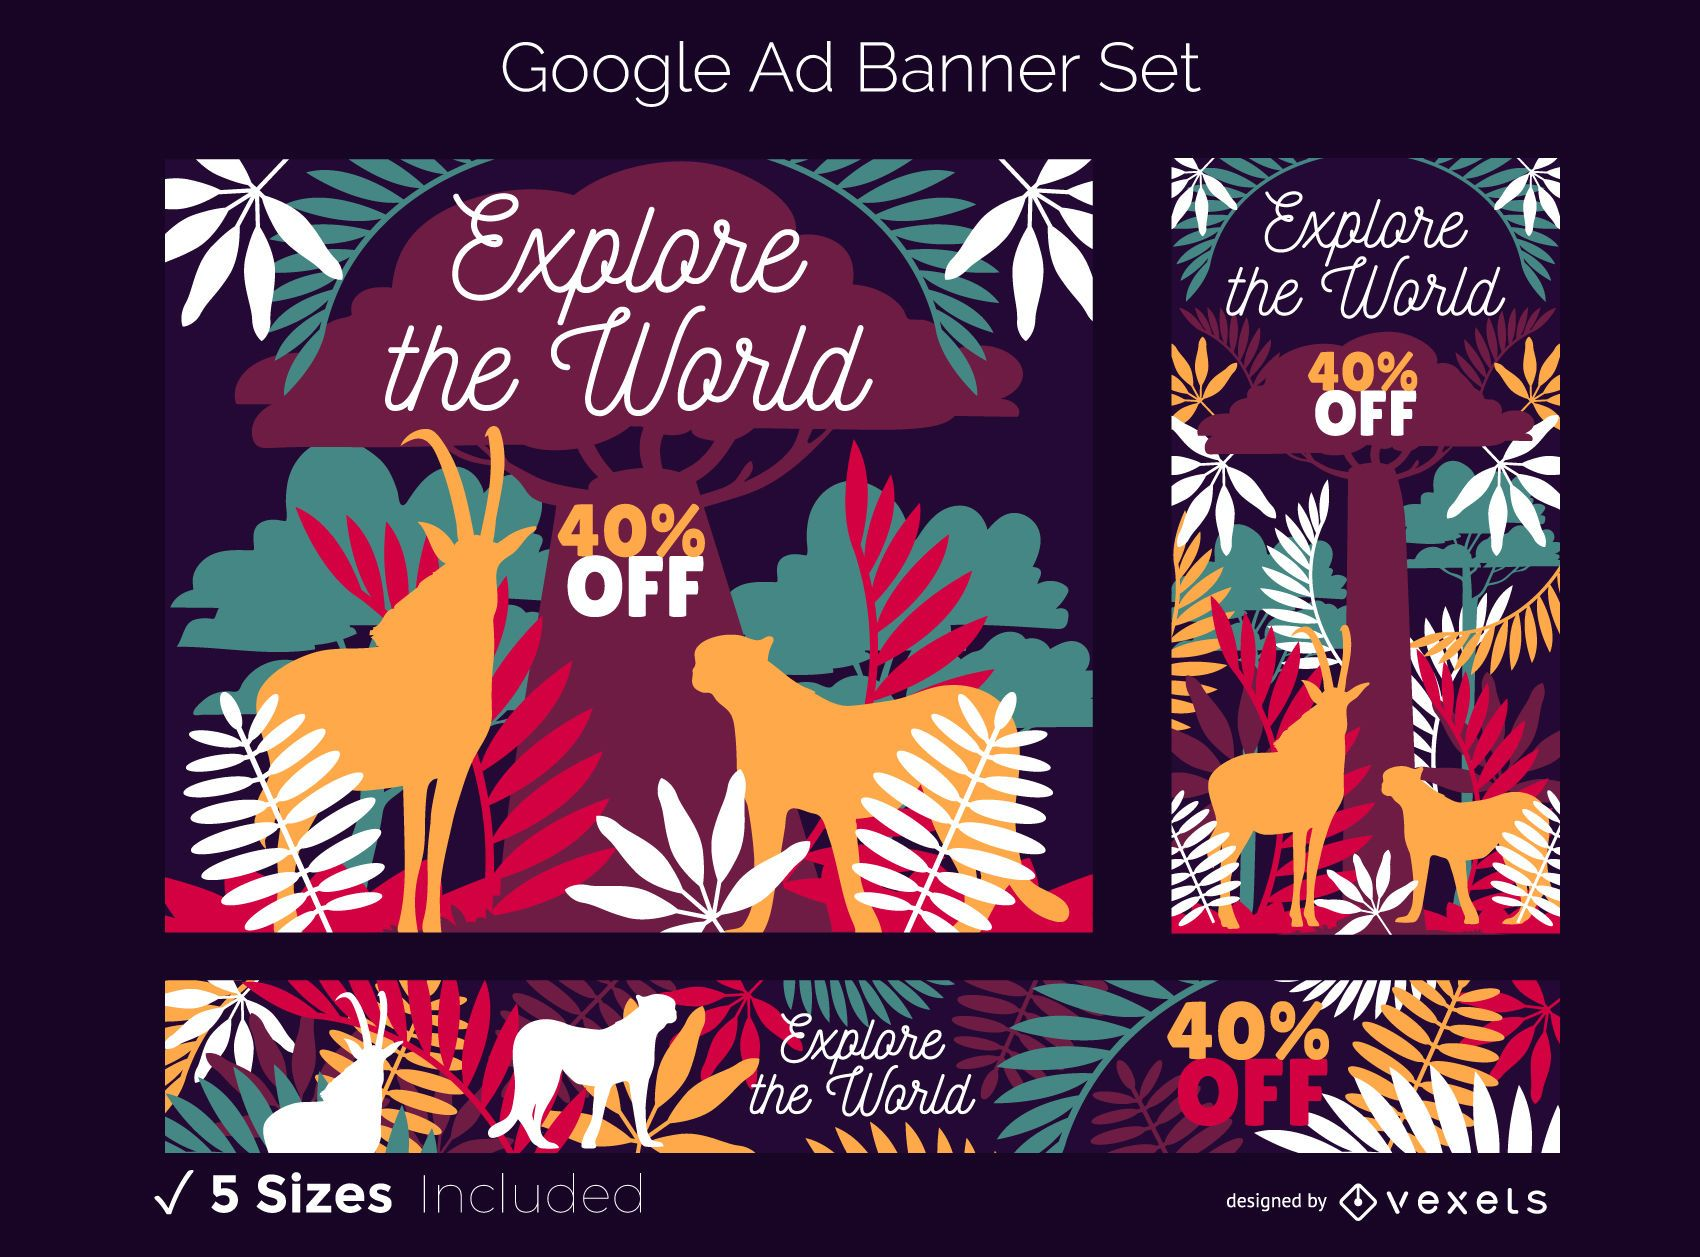 Conjunto de banner do Google Ads com tema Safari